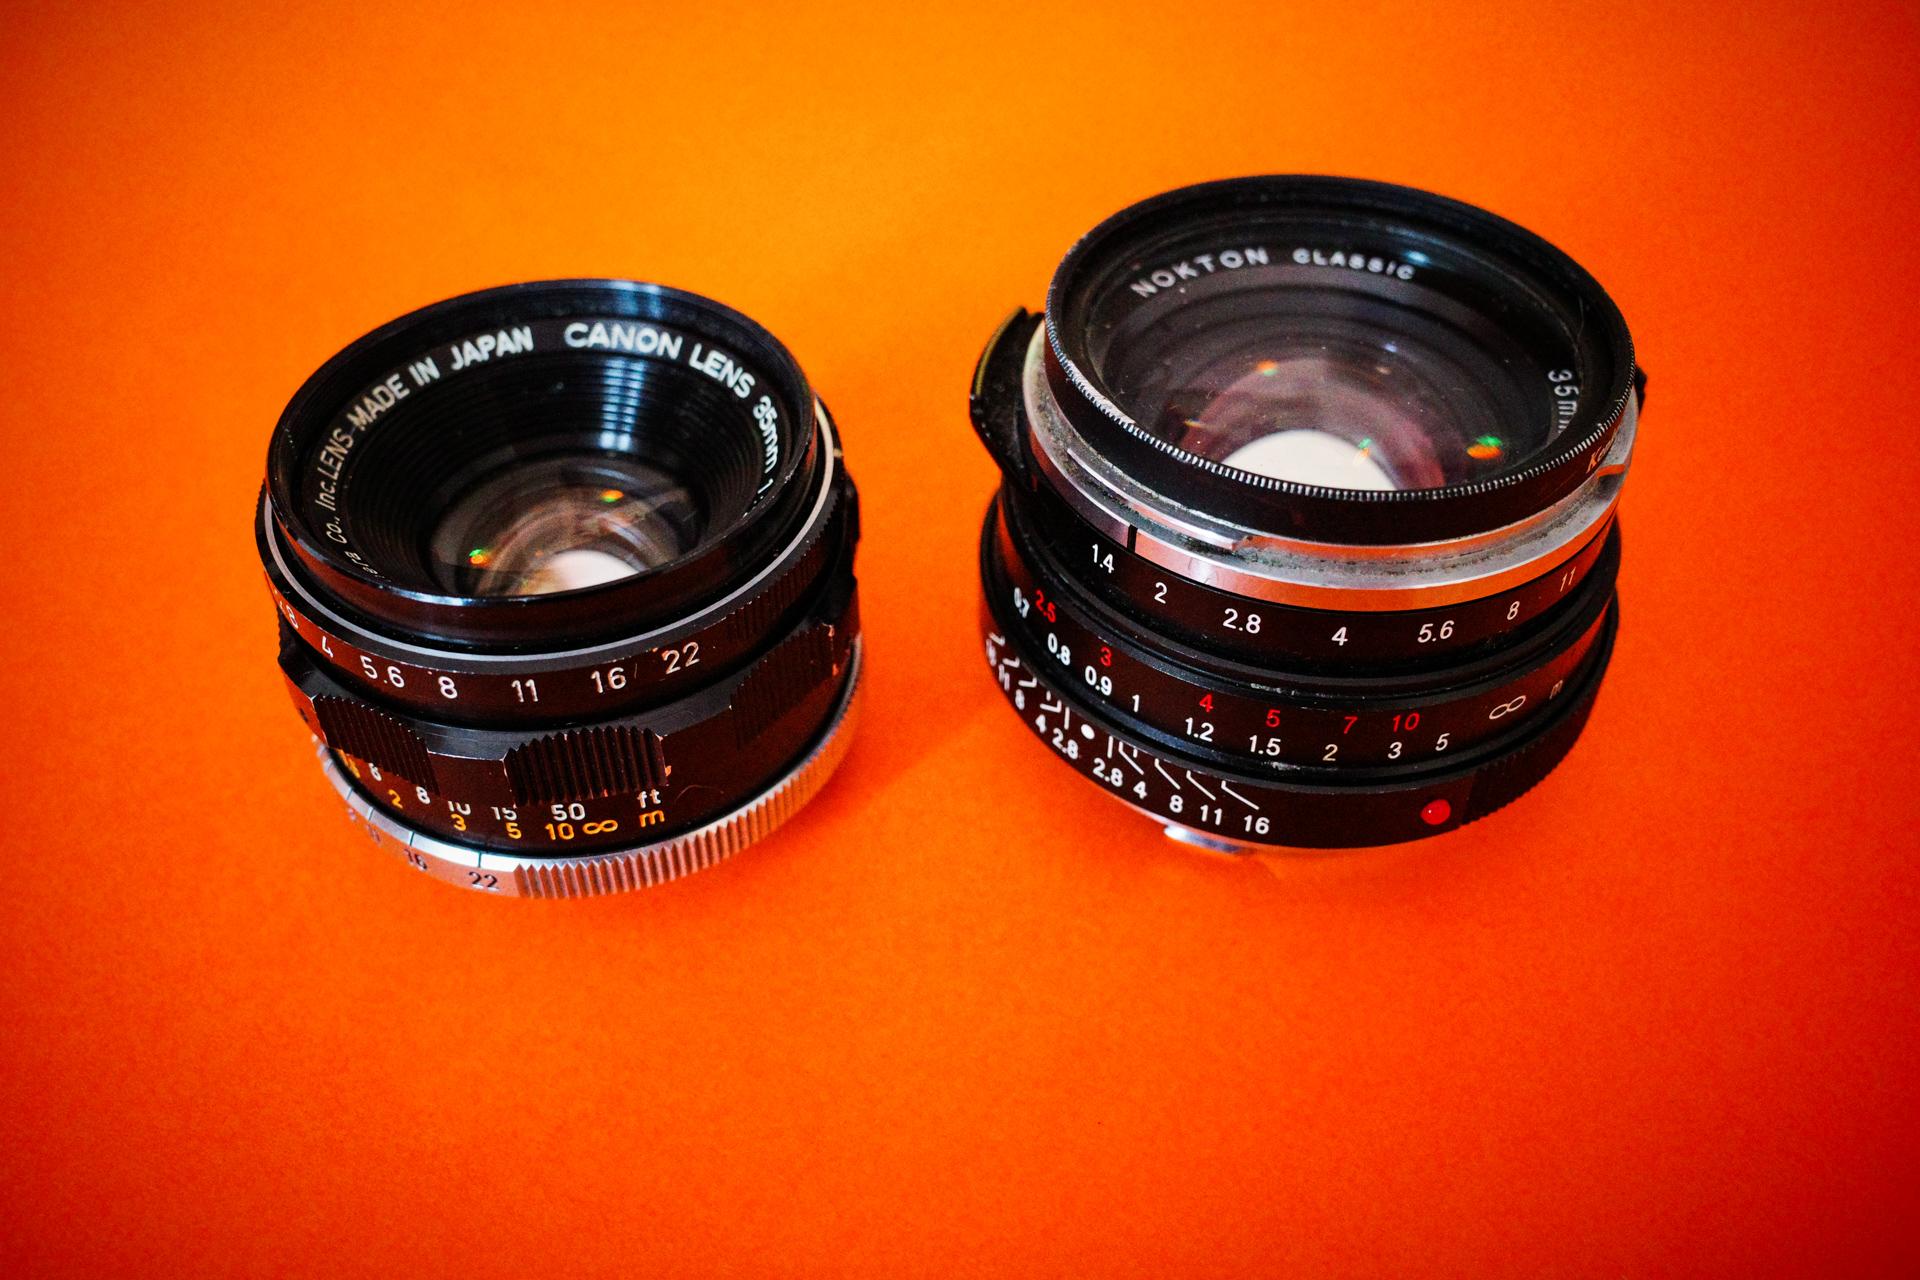 LTM 35mm comparison